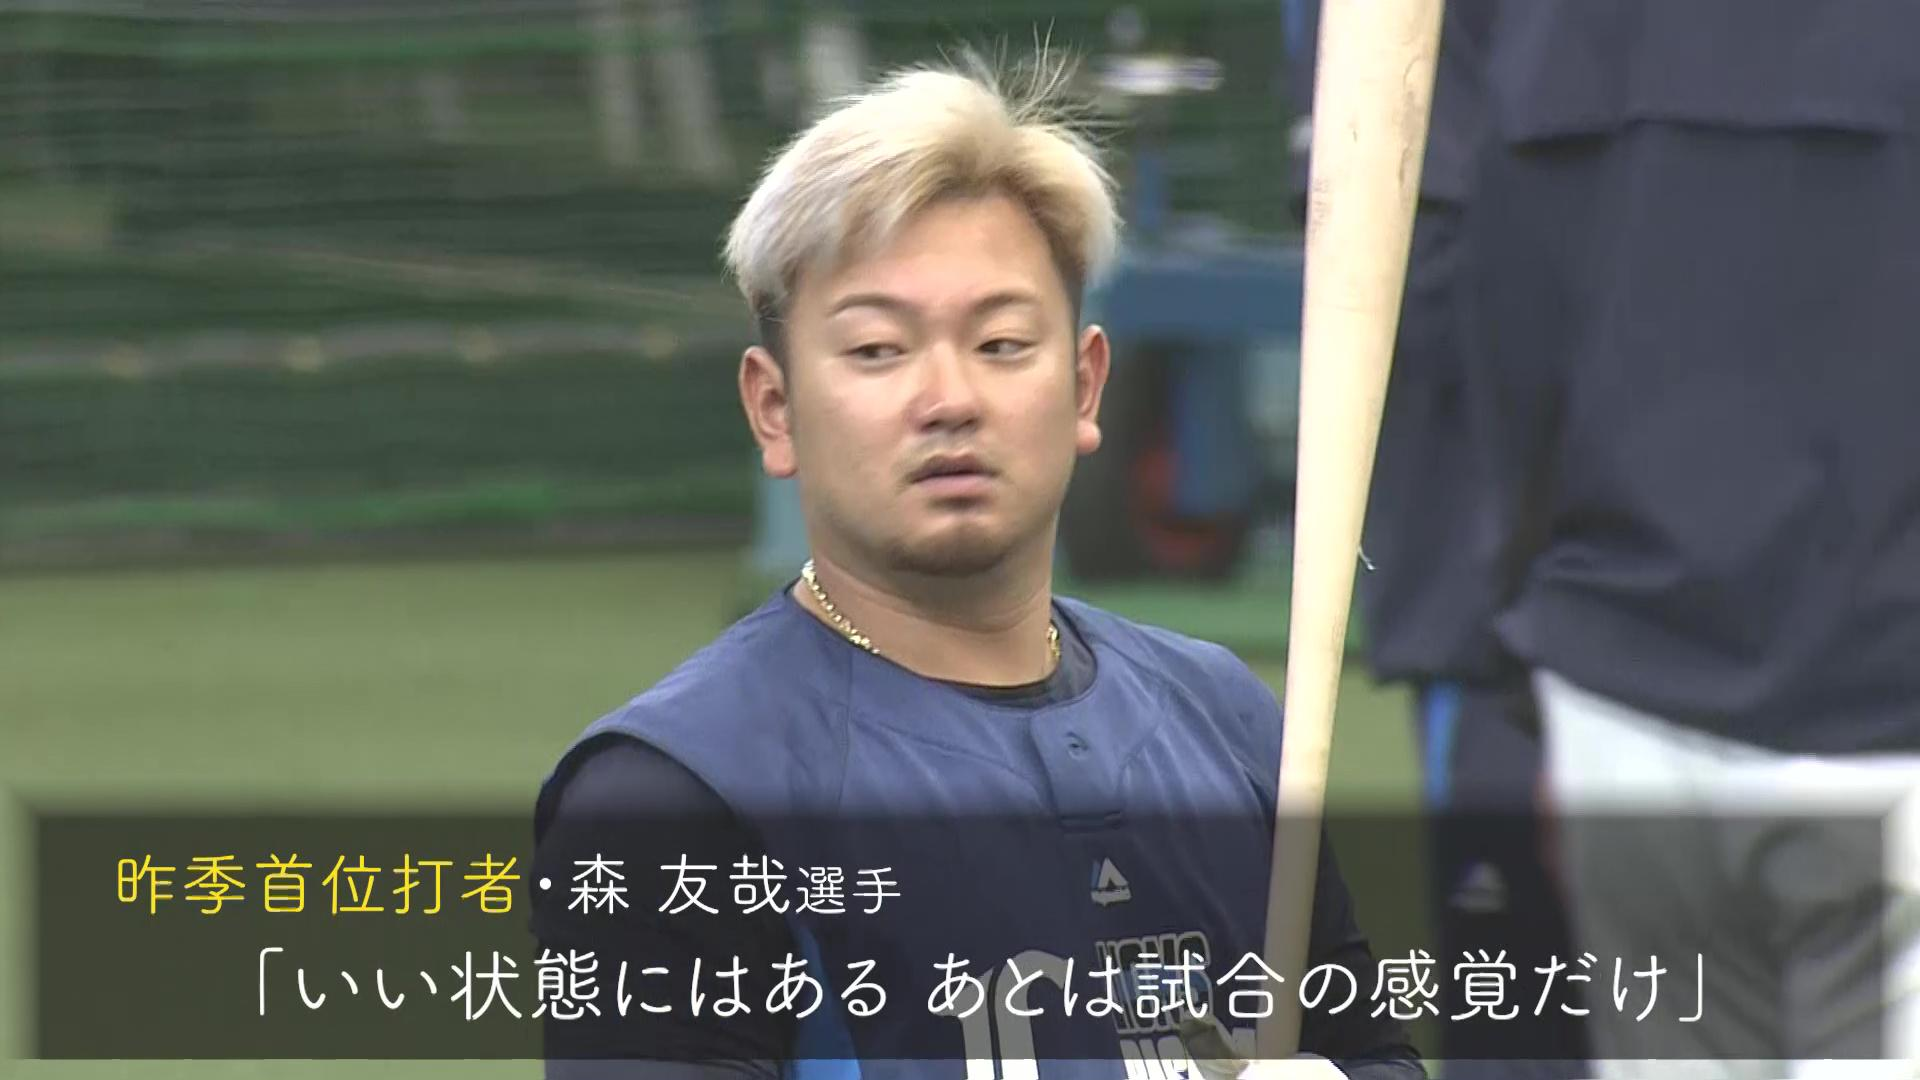 【西武】首位打者・森友哉の試合前フリー打撃全部見せます!